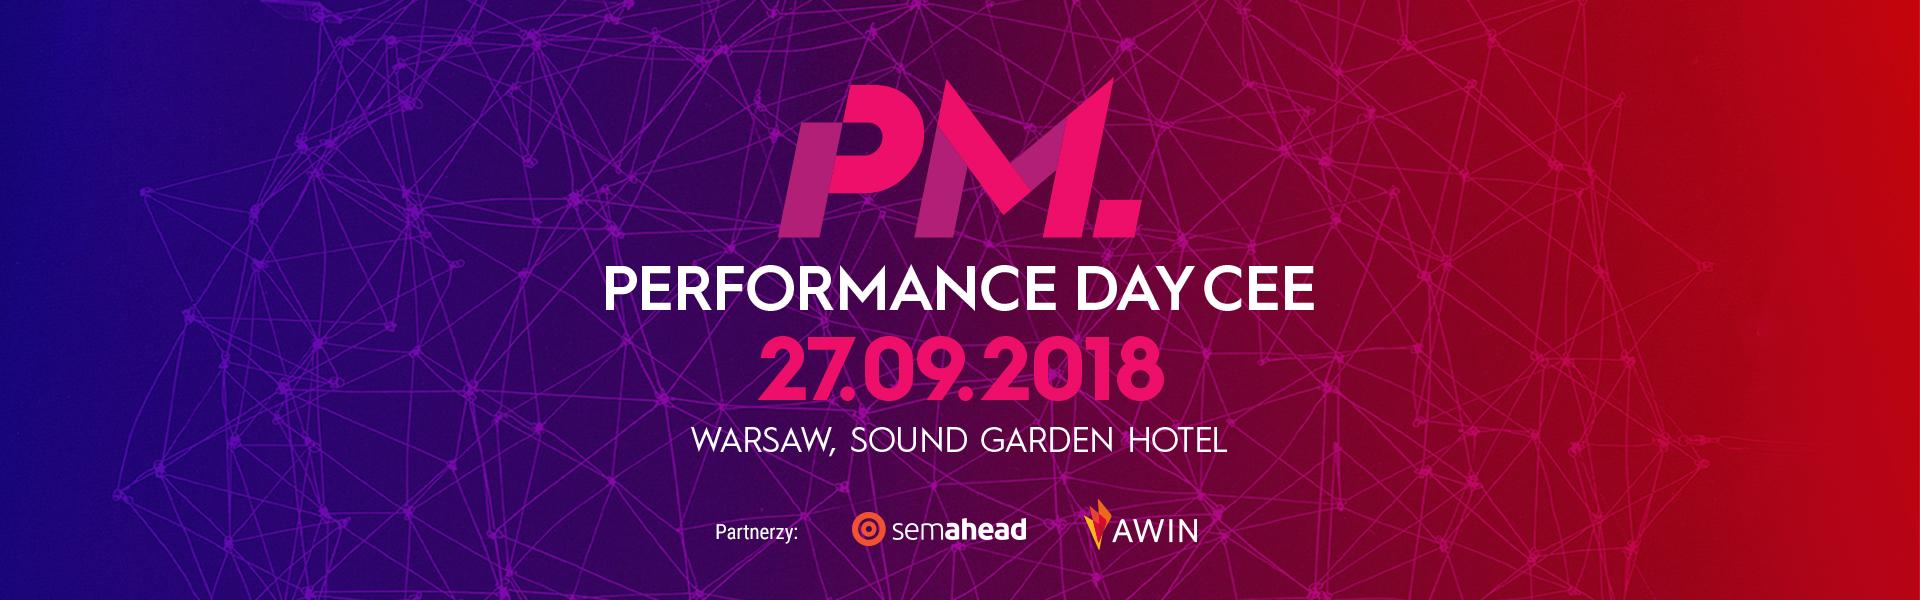 Performance Day CEE - pierwsza w Polsce konferencja poświęcona performance i afiliacji na rynkach CEE Mediarun Opinie